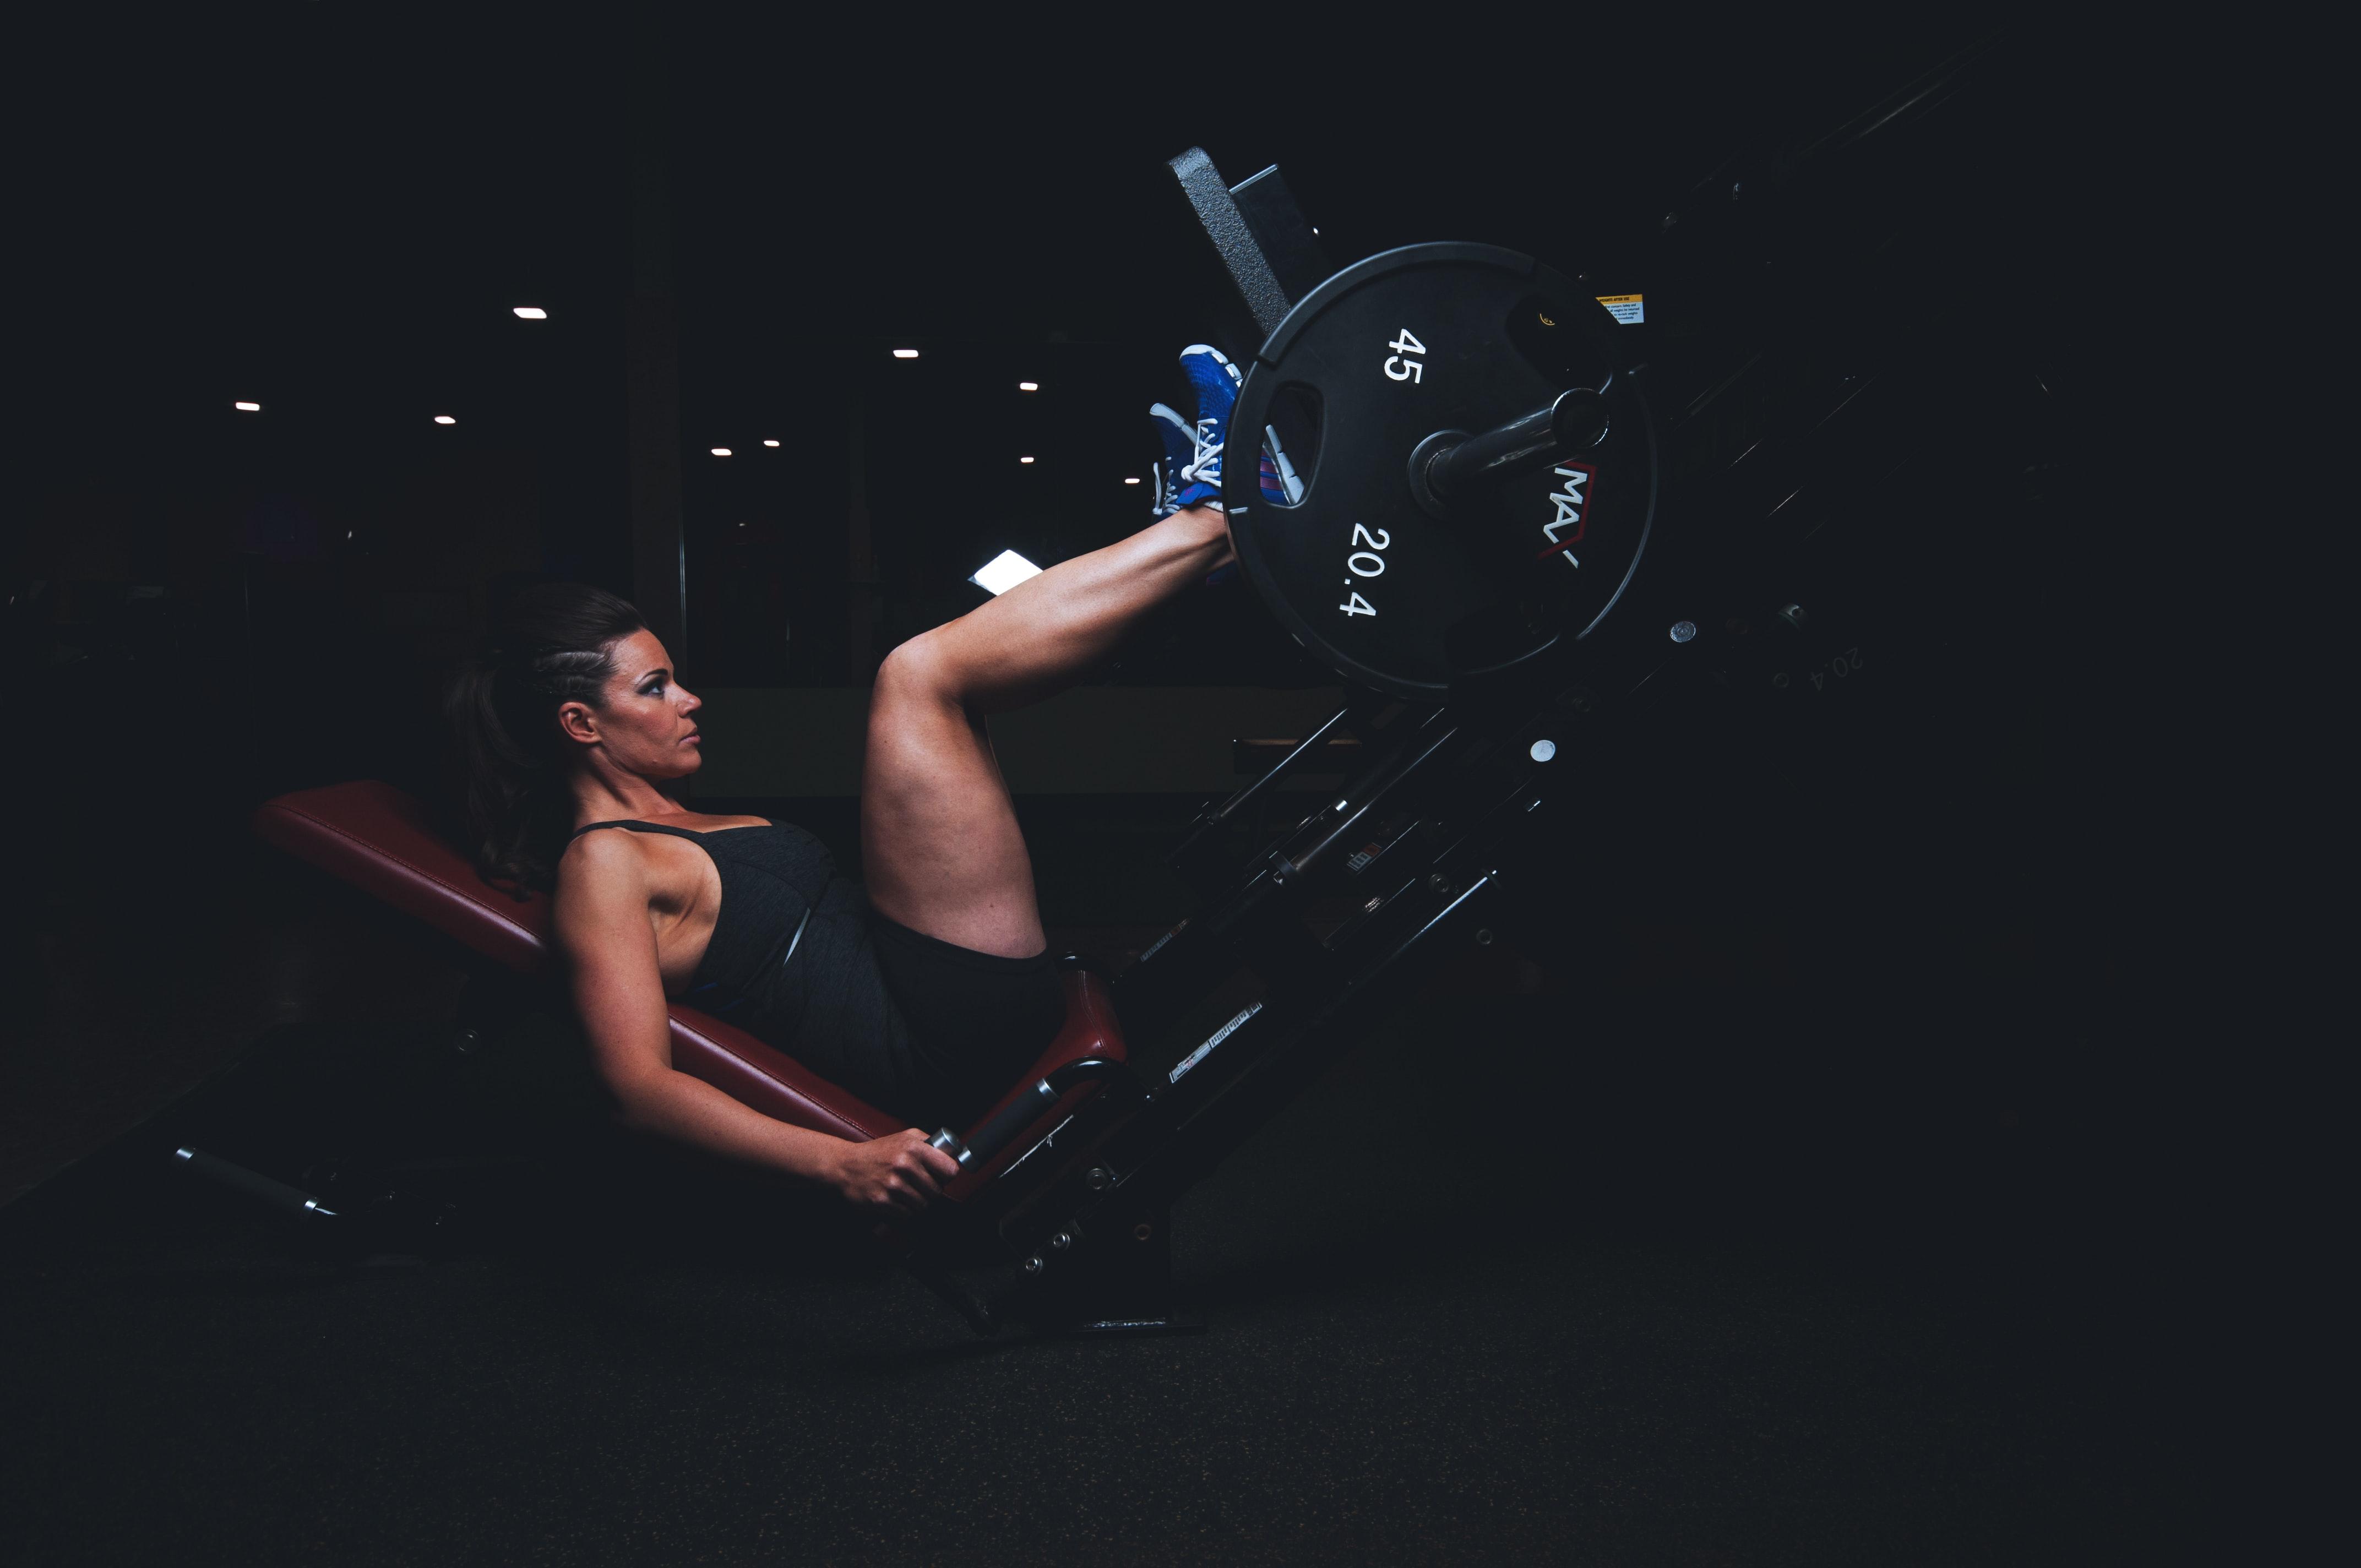 Vi skriver bland annat om idrottare och benstyrka i inlägget därför la vi in en bild på en person som tränar benen